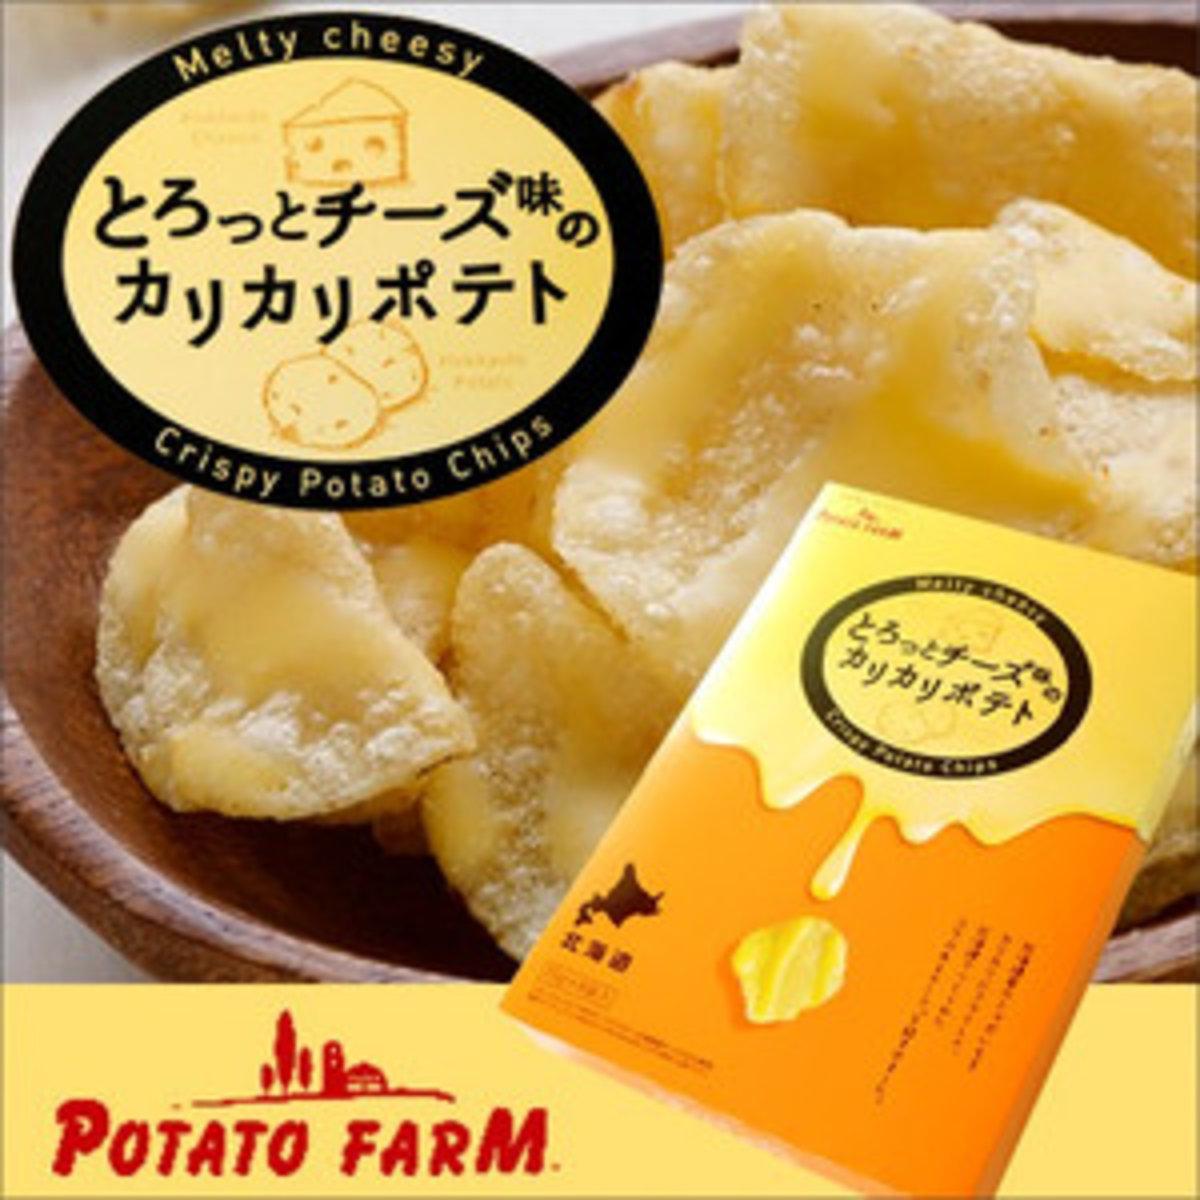 Japan Calbee Potato Farm Hokkaido Melty Cheesy Crispy Potato Chips (8 Packs) x 1 Box